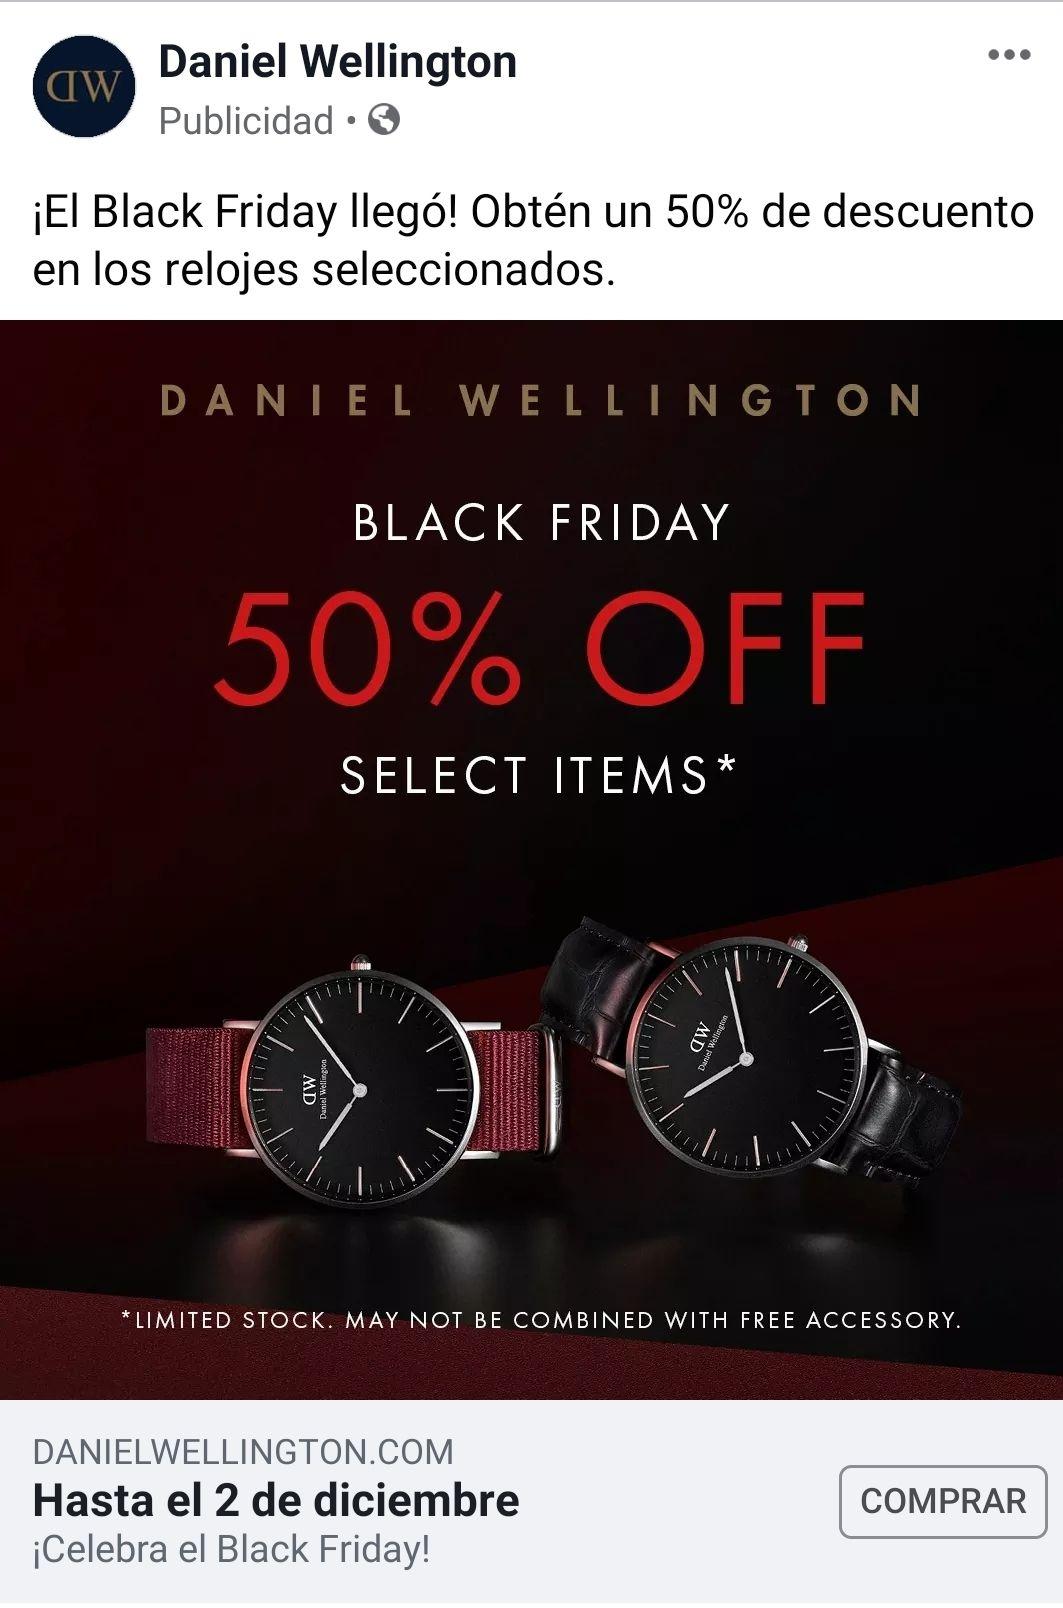 Daniel wellington: 50% de descuento en relojes seleccionados